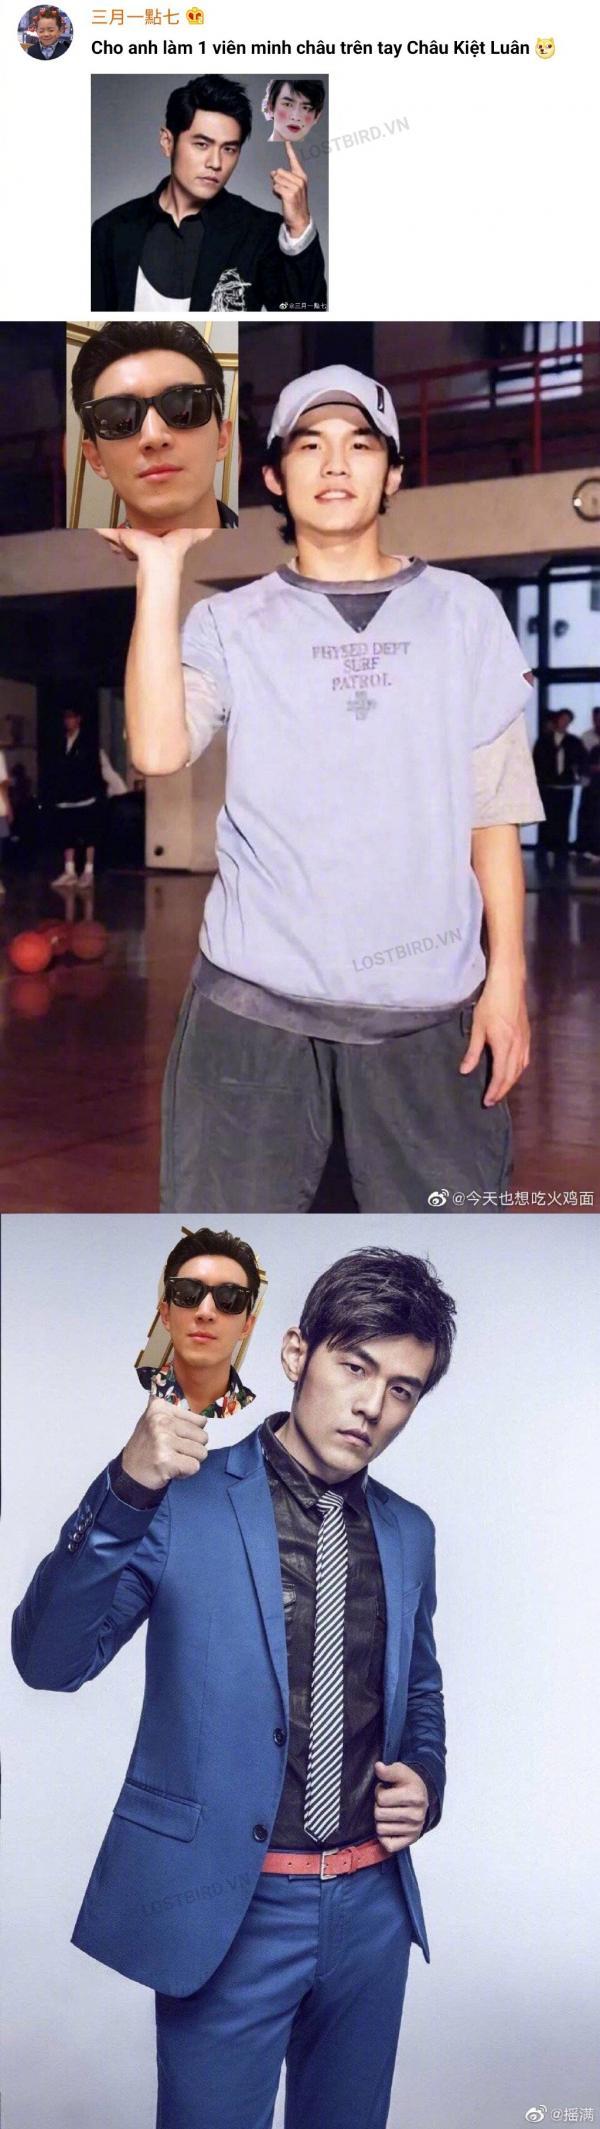 Lâm Canh Tân nhờ dân mạng ghép ảnh mình với Châu Kiệt Luân và nhận về bộ ảnh cười 'muốn nội thương'